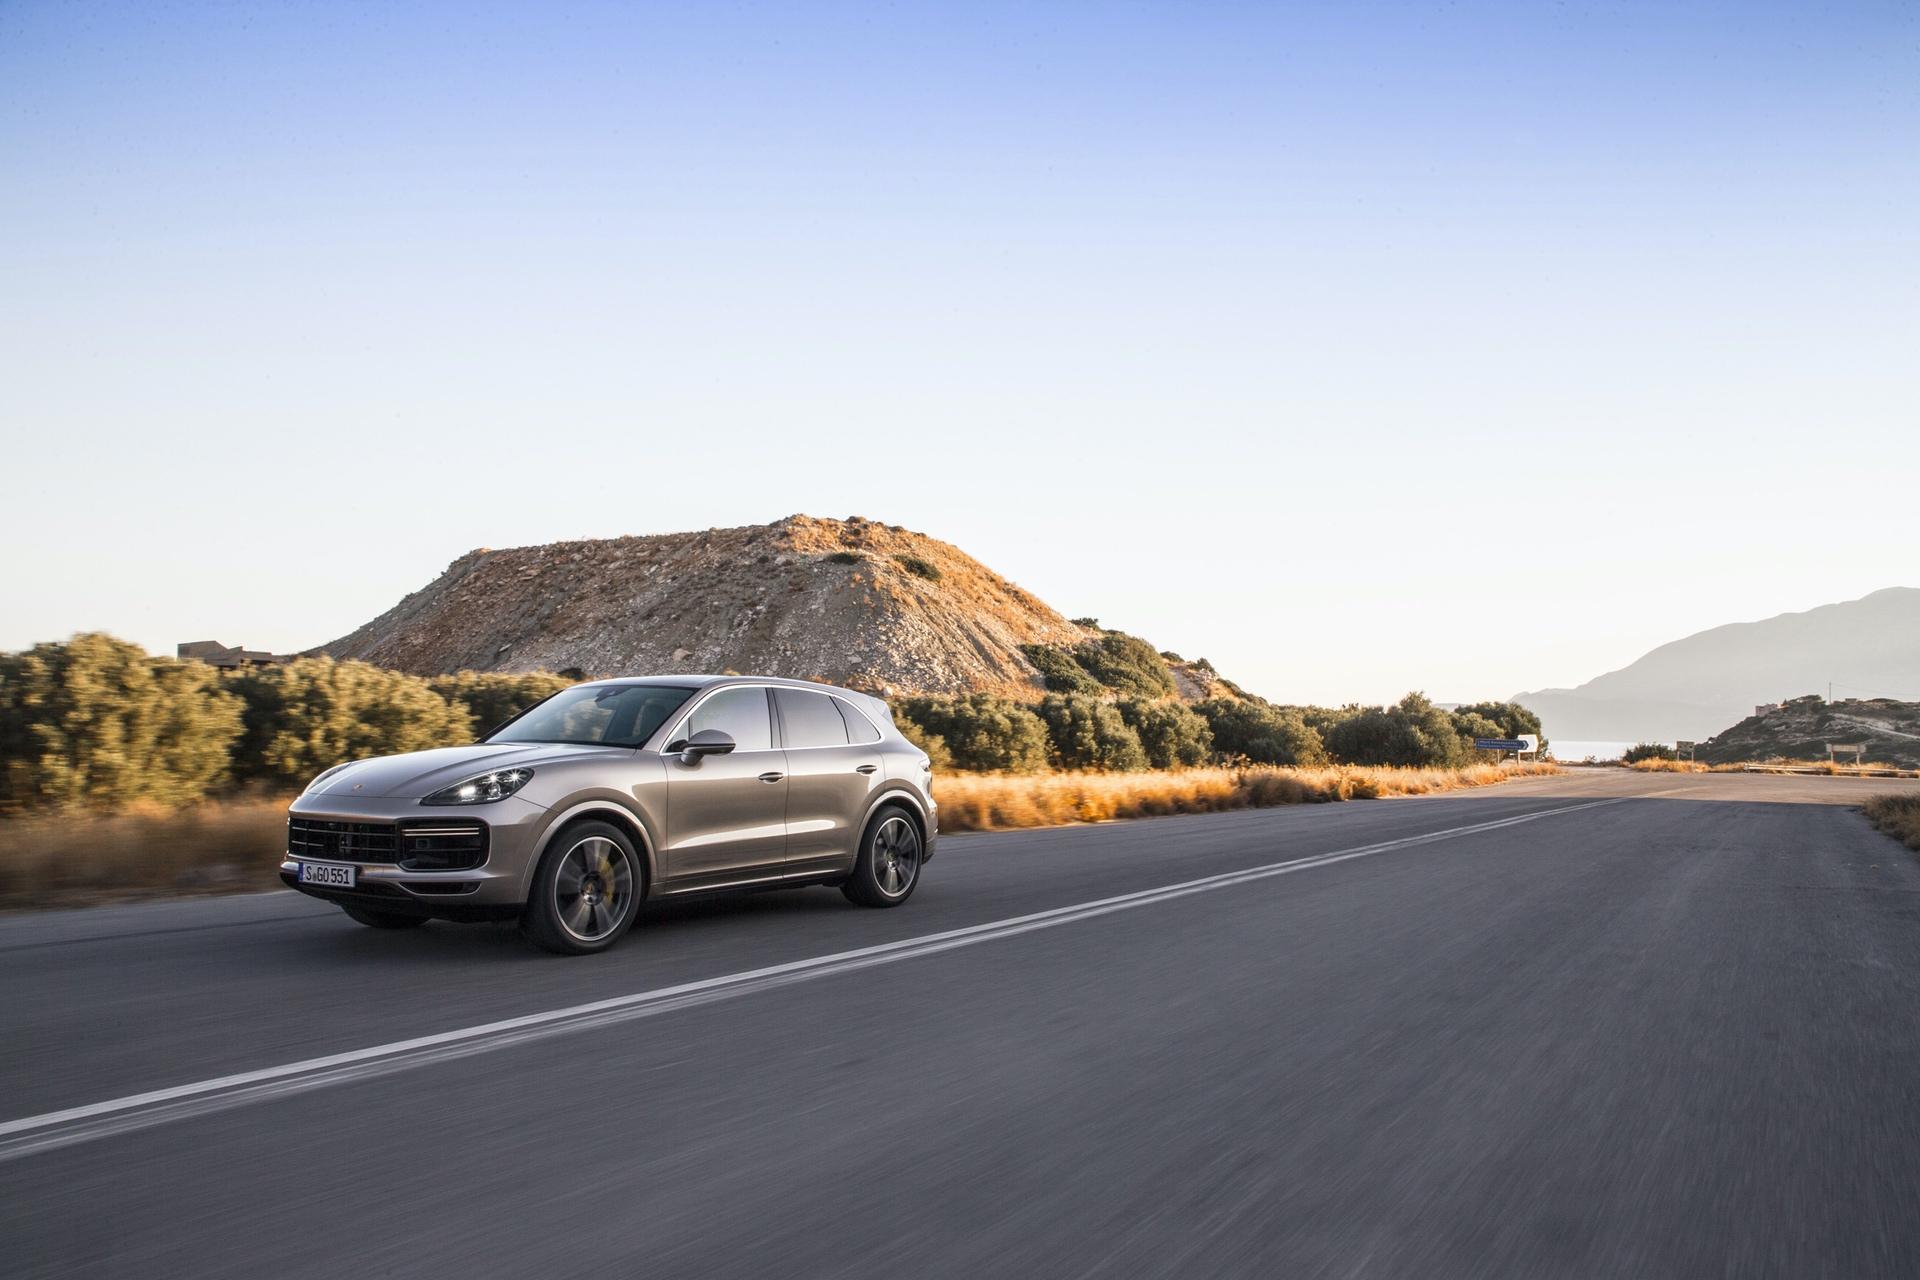 Test_Drive_Porsche_Cayenne_106